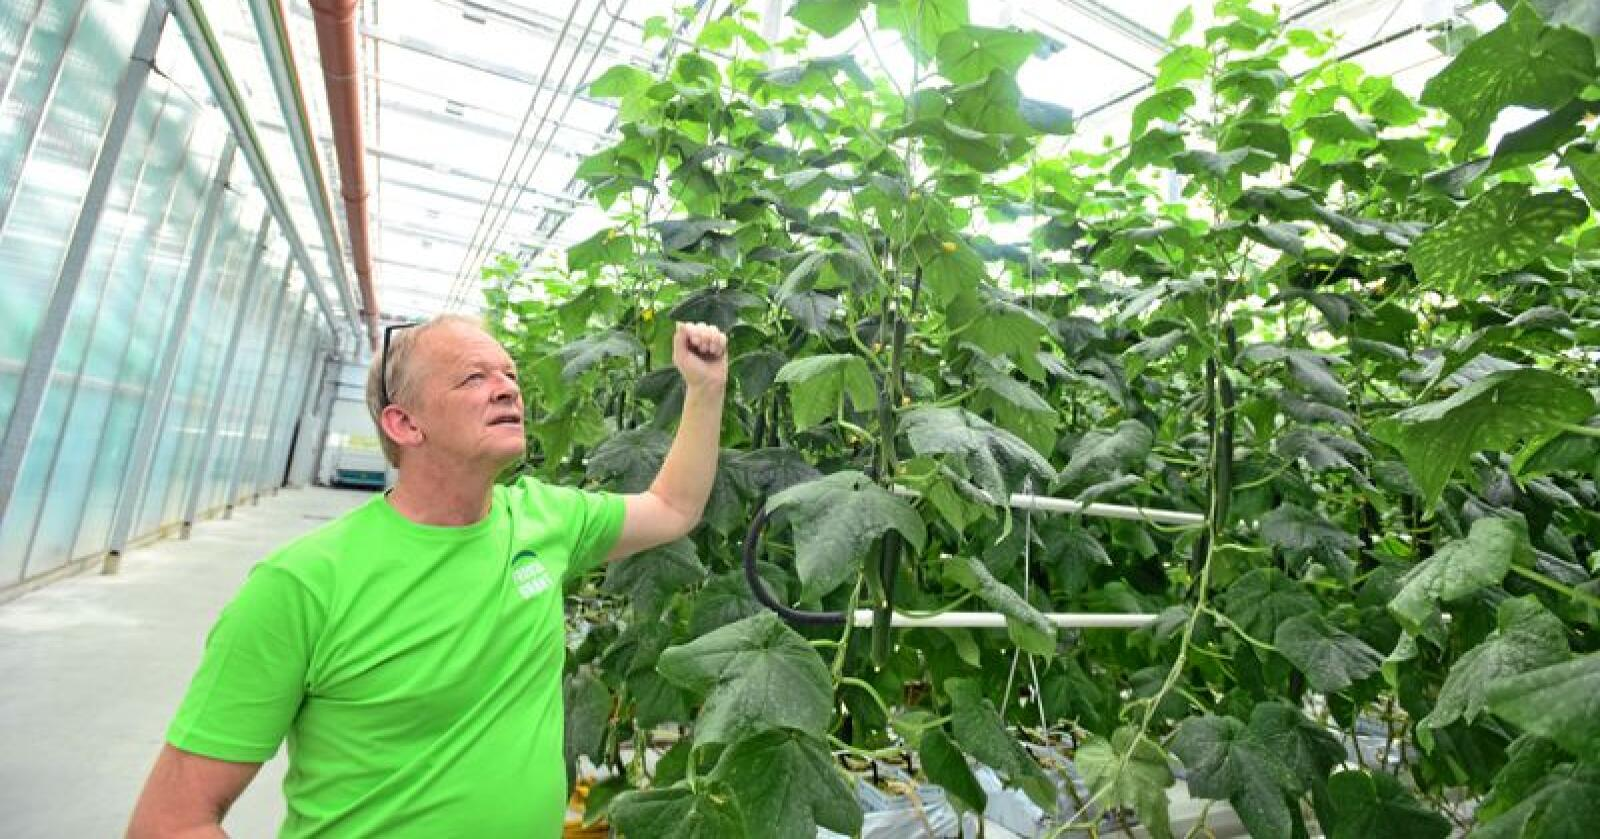 Mer enn 30 millioner: Daglig leder i Frostagrønt, Johan Morten Vold, har investert over 30 millioner kroner i utbyggingen som skal gi rundt 40 prosent økt agurkproduksjon. Alle foto: Håvard Zeiner